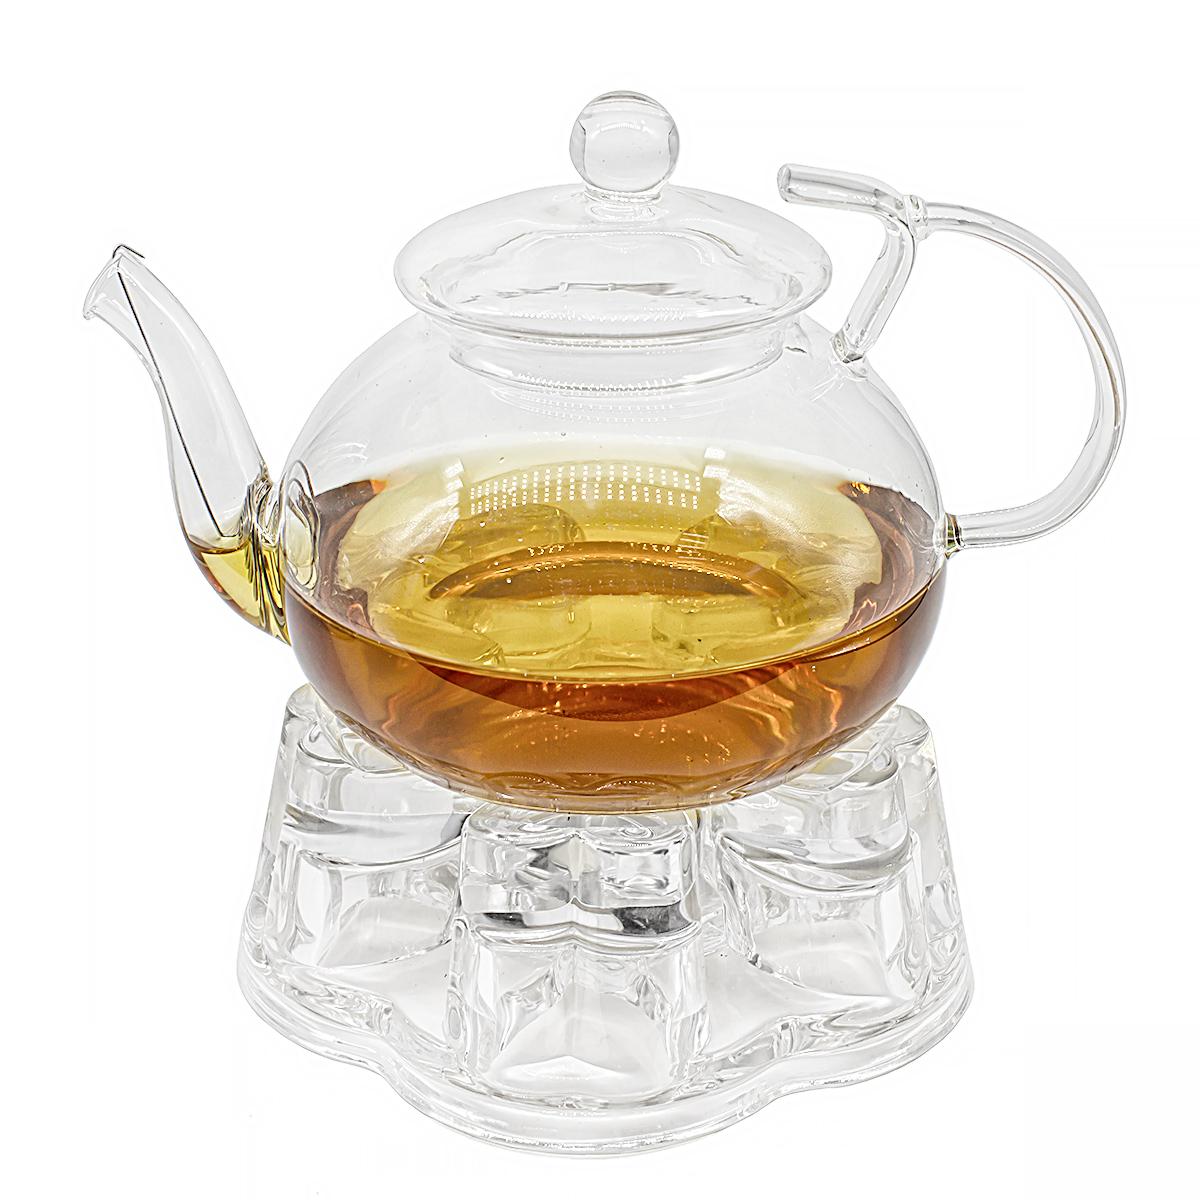 Фото - Набор: заварочный чайник Примула 700 мл и подставка-подогреватель Агава подставка